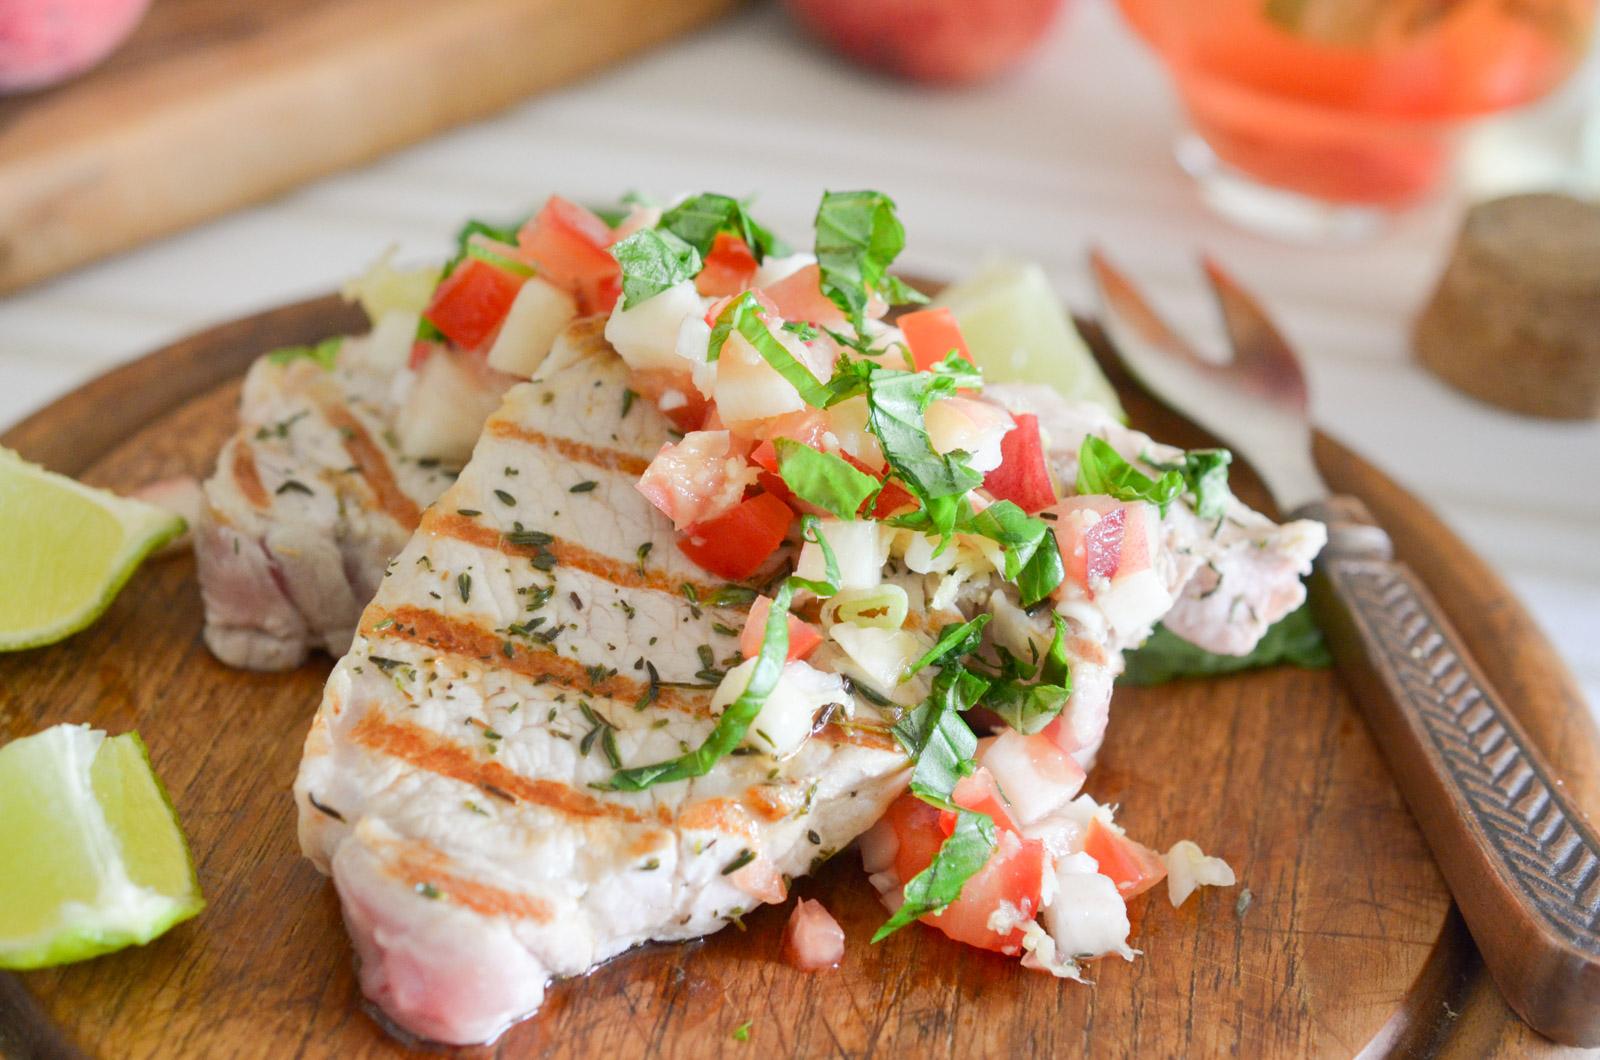 Cotes Porc Salsa Peches 6 Sur 11